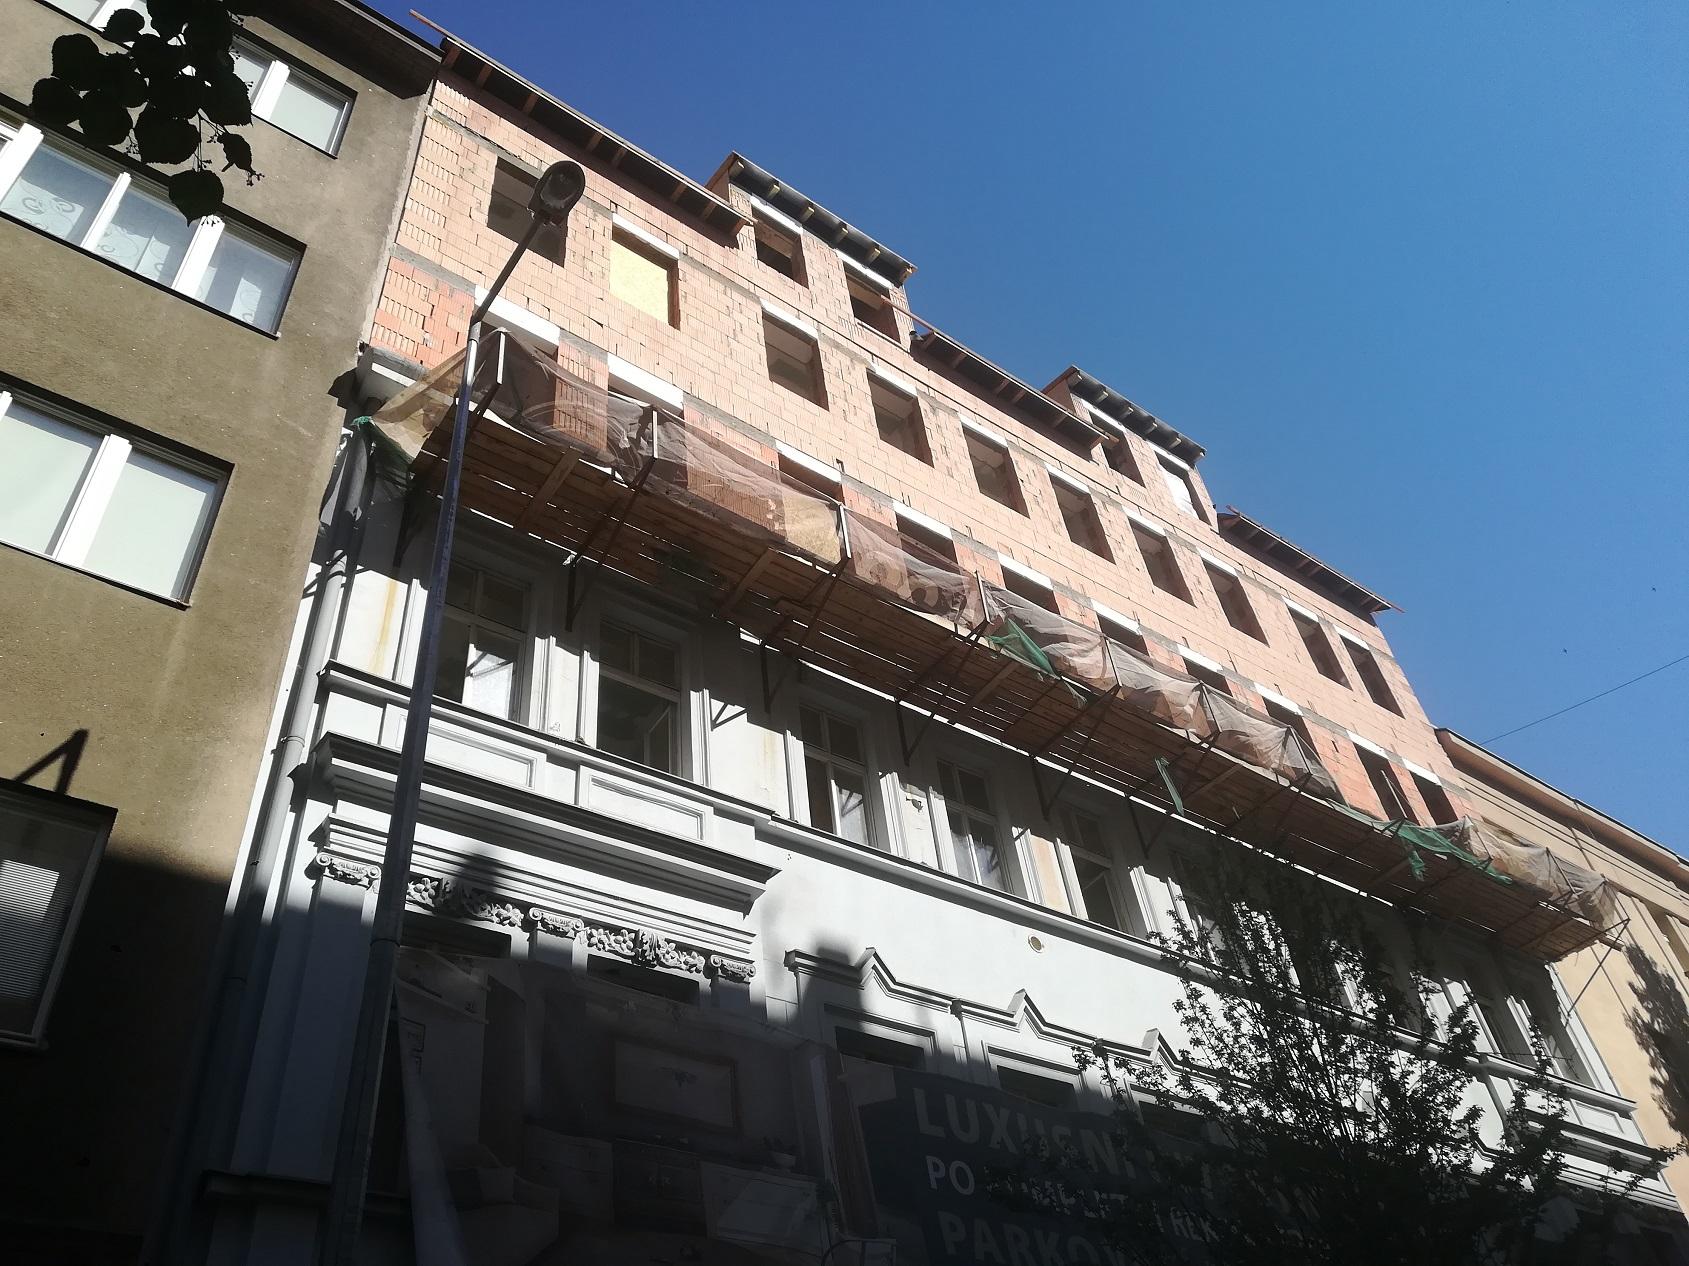 Terasové byty na pražské ulici Záhřebská